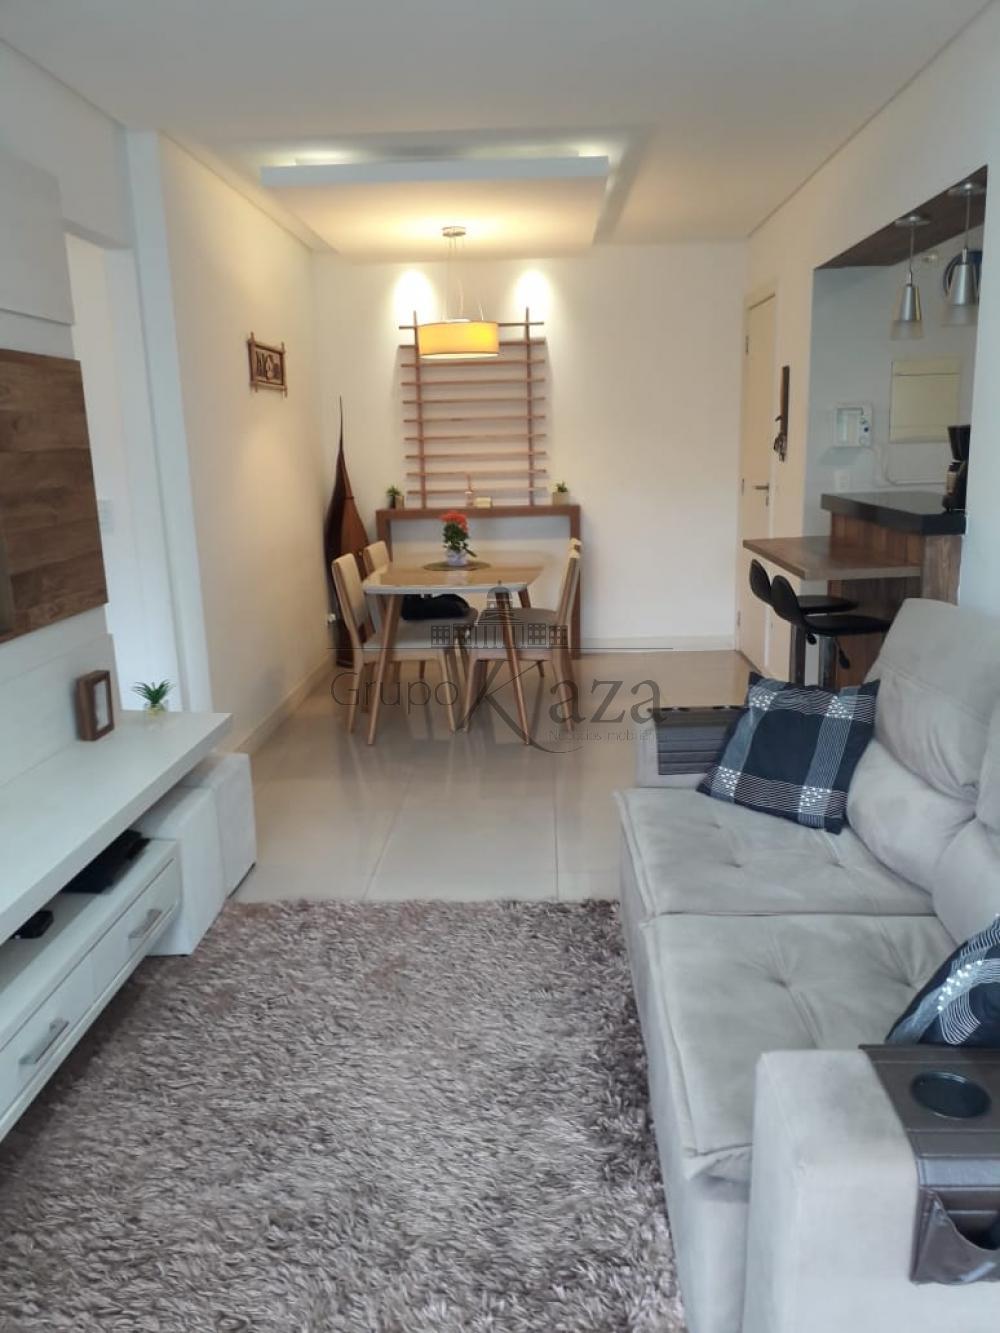 Comprar Apartamento / Padrão em São José dos Campos apenas R$ 530.000,00 - Foto 2